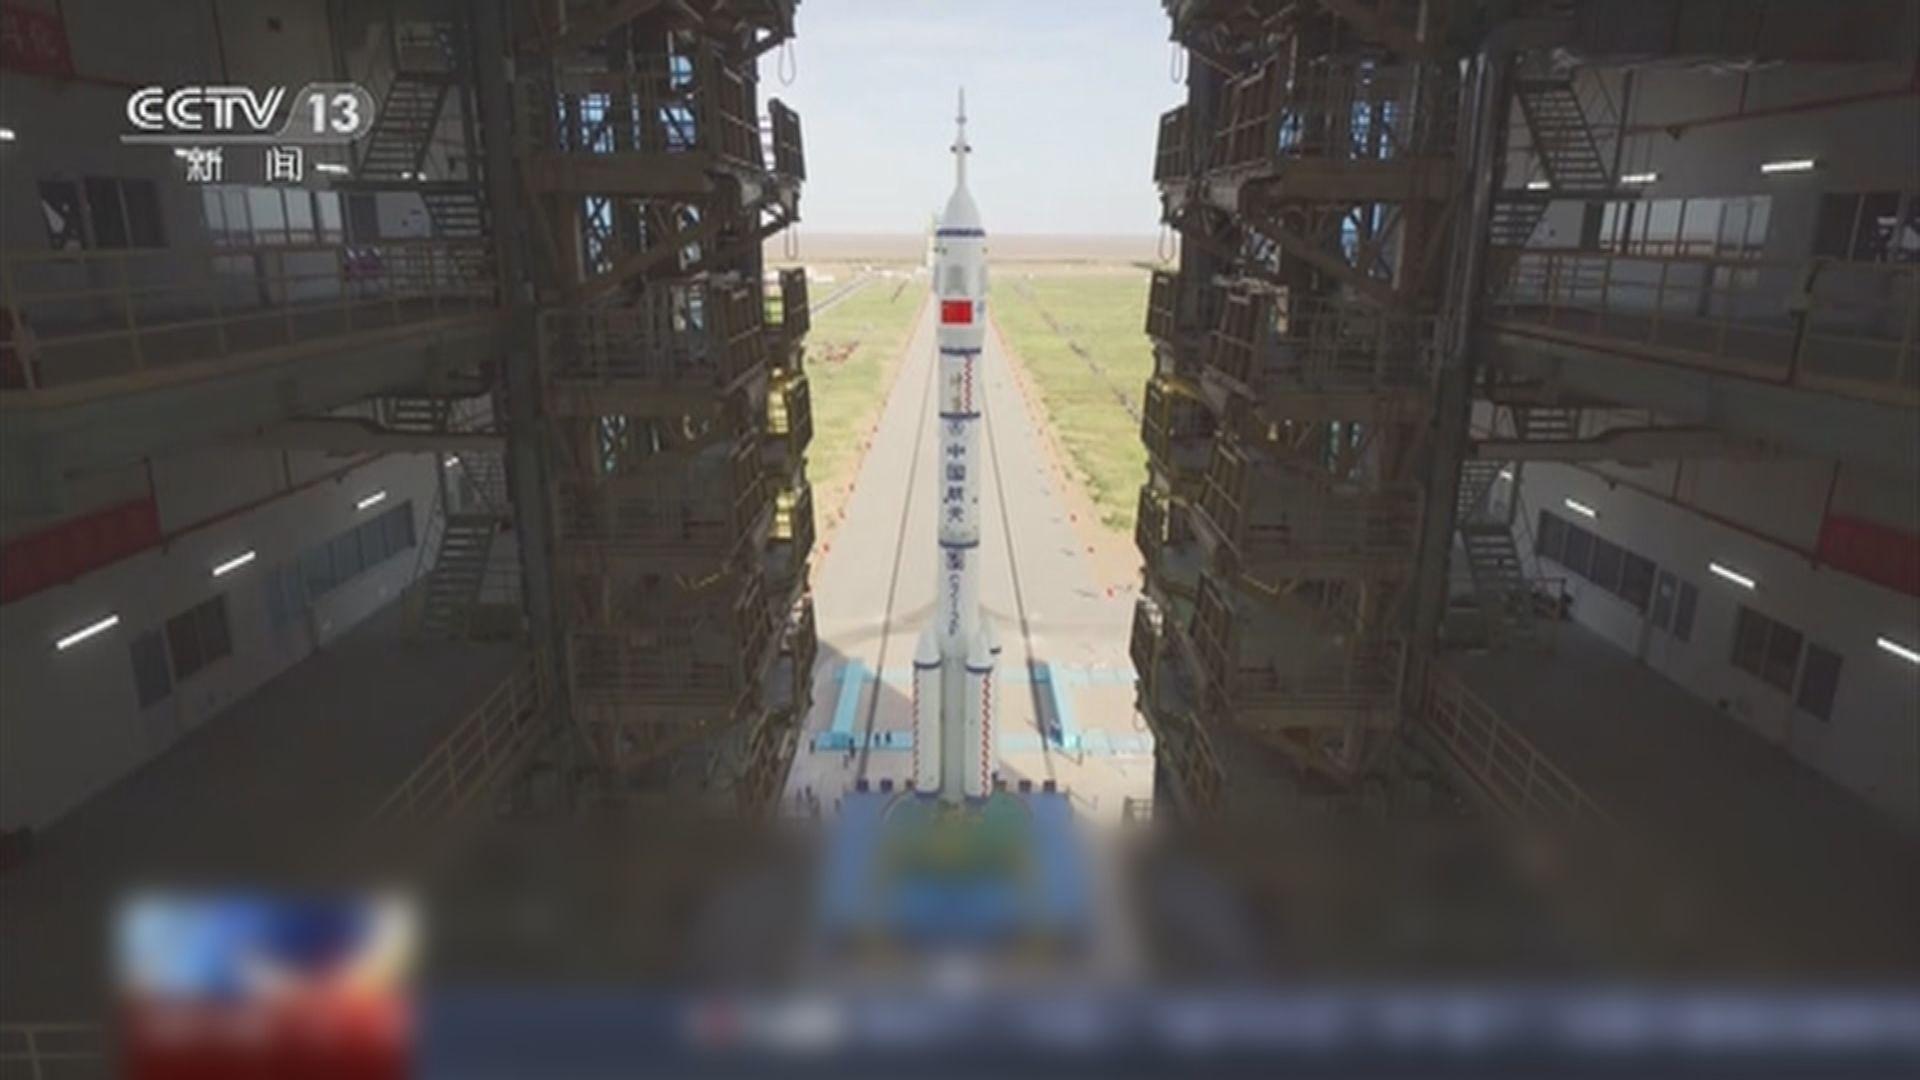 神舟十二號抵達發射區 月內將搭載三人上太空站